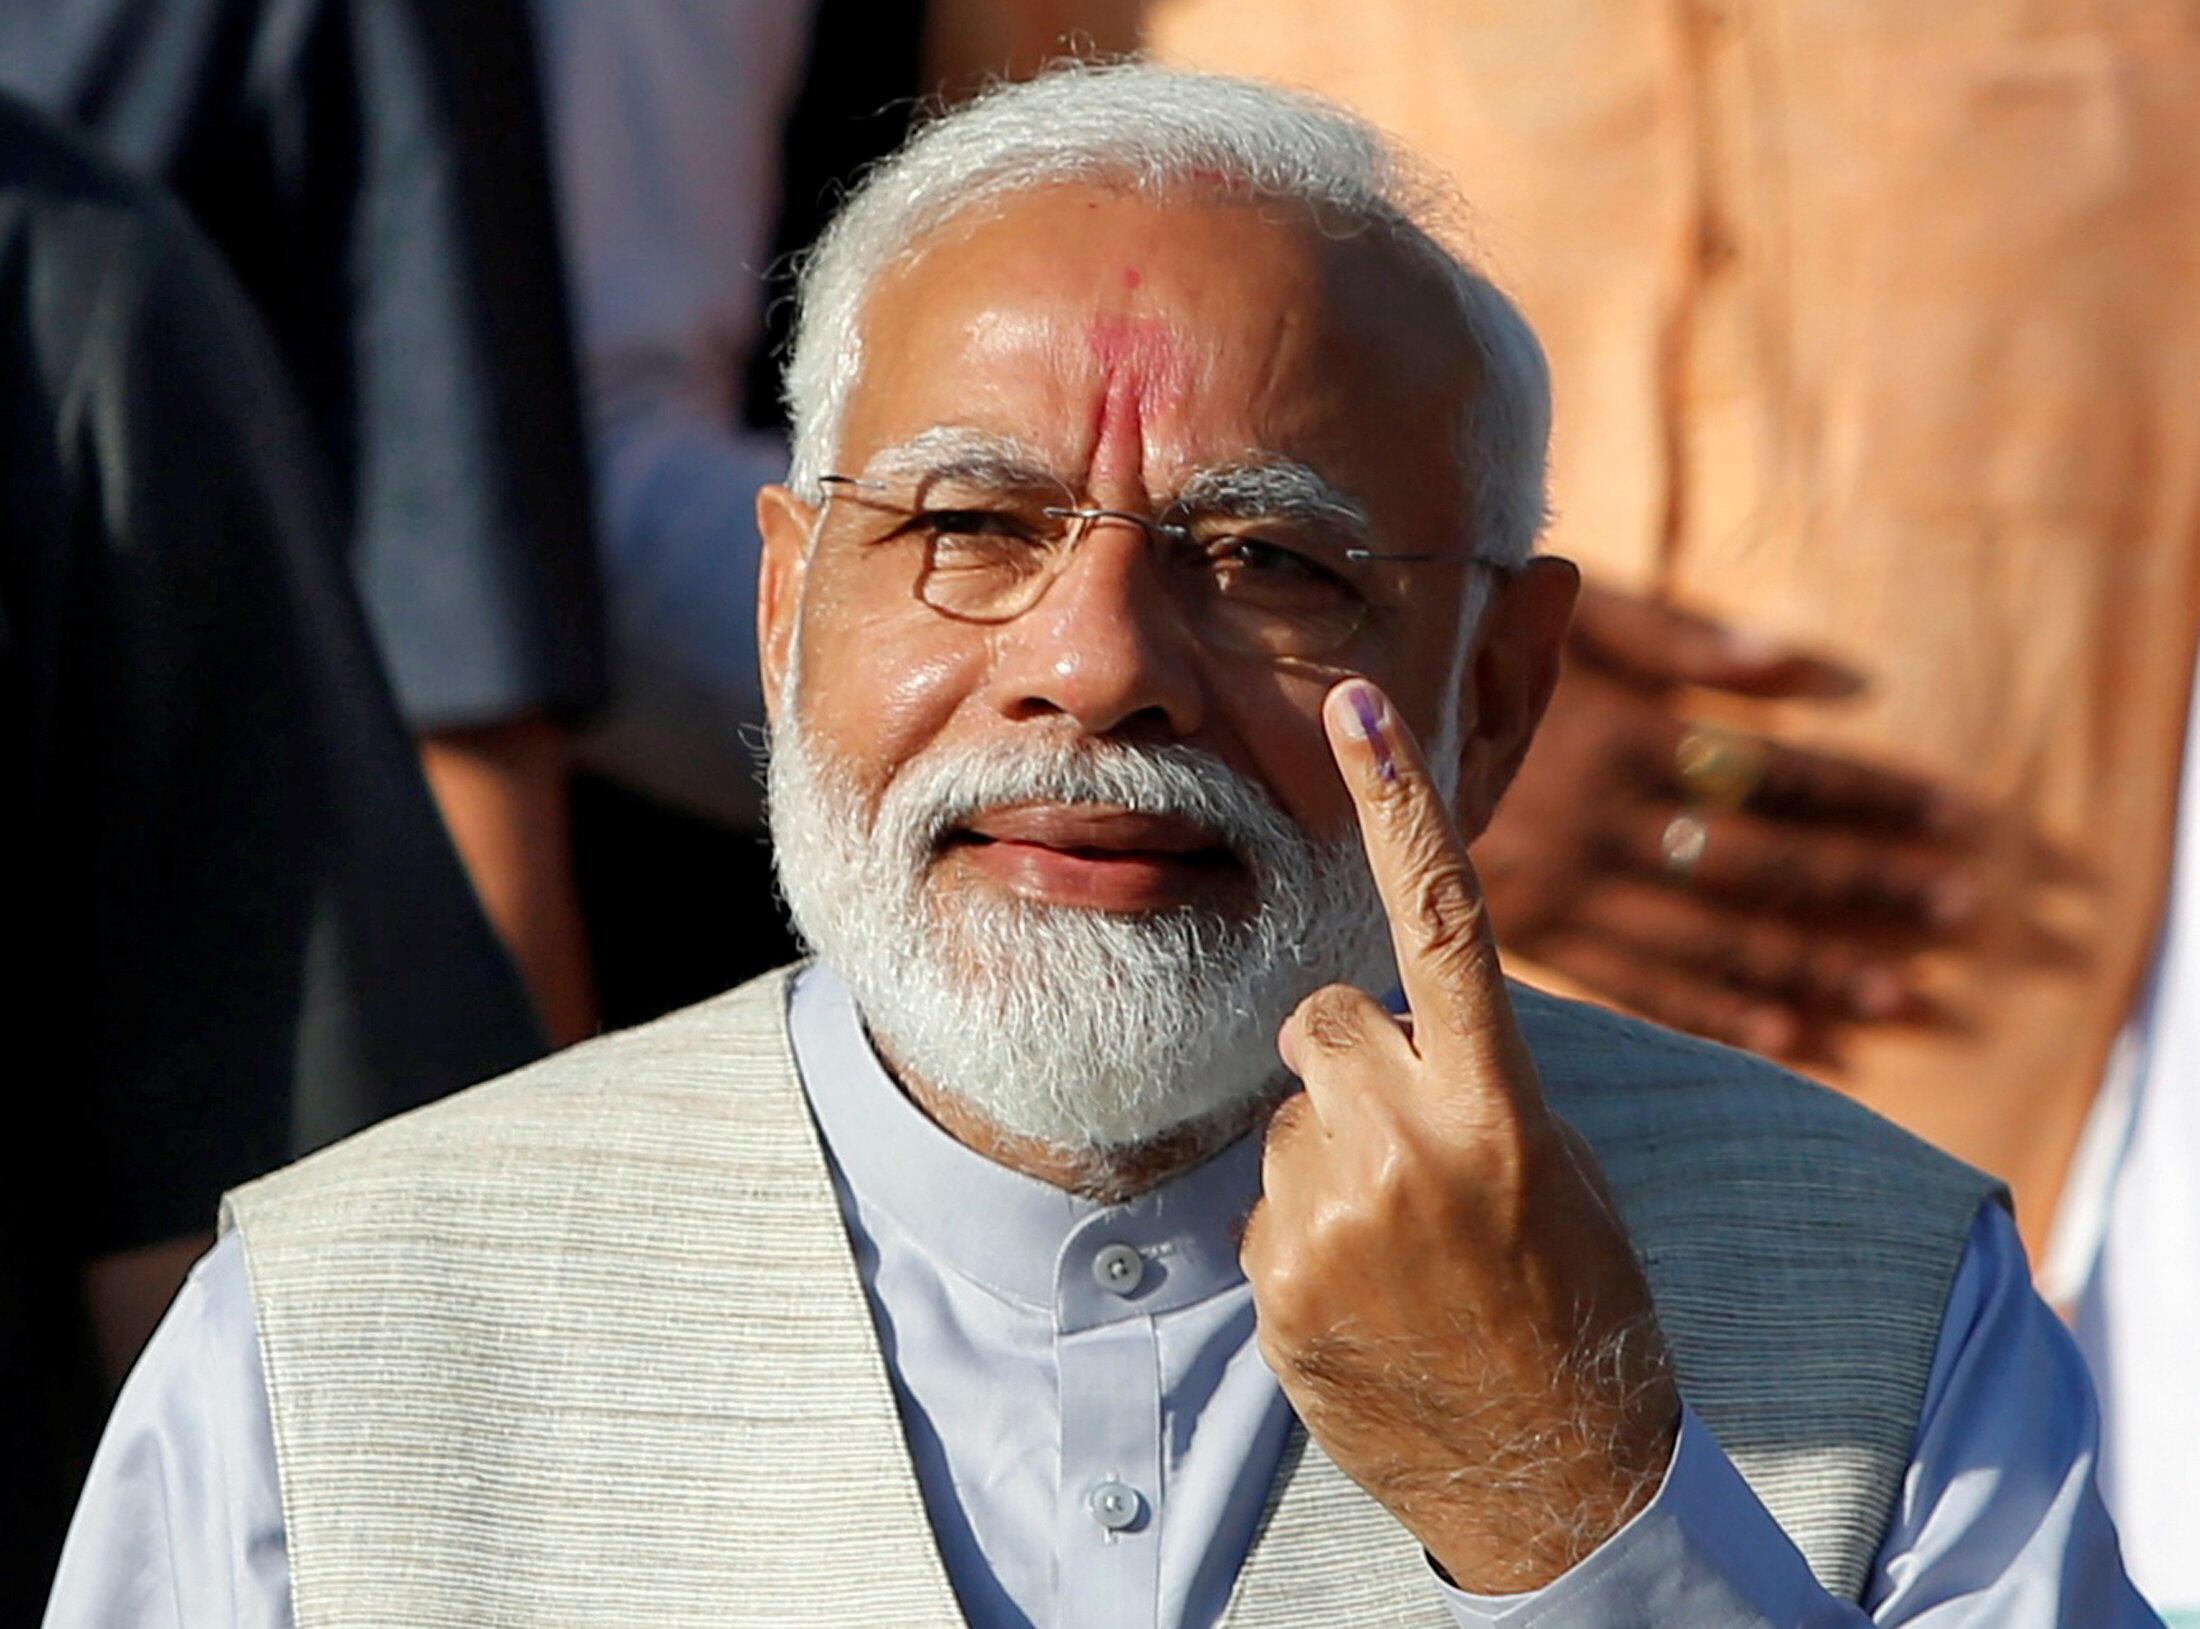 Le Premier ministre indien Narendra Modi montrant son doigt encré, après avoir voté à Ahmedabad dans le Gujarat, le 23 avril 2019.